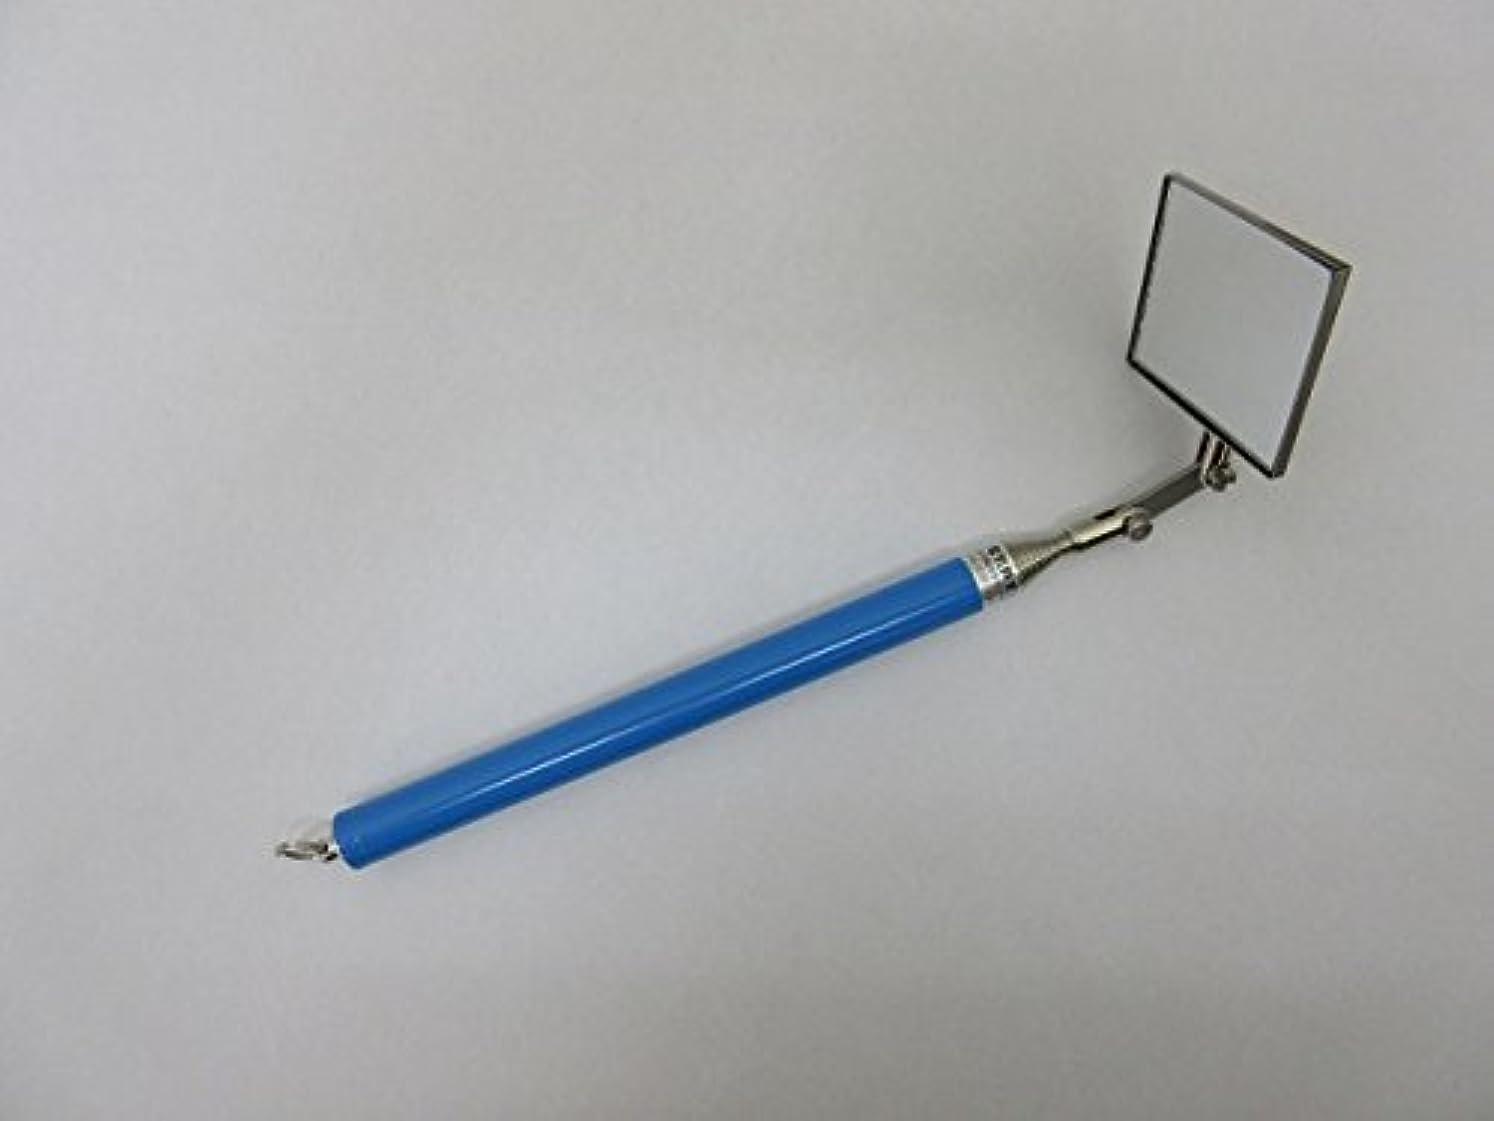 振る舞う接続食用九重電気 九重検針ミラー拡大鏡 R 青 80606-0014